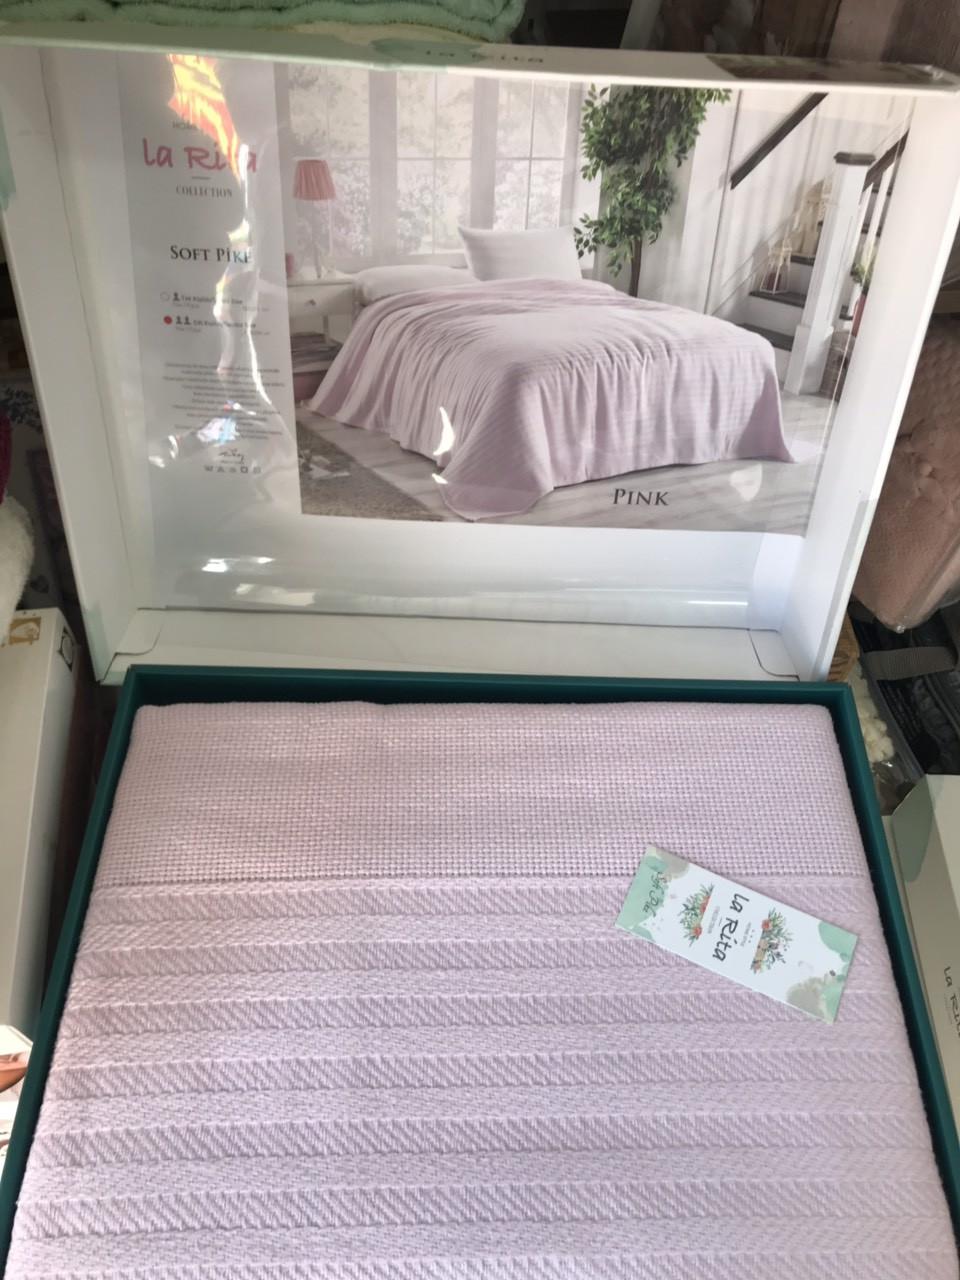 Простынь махровая 220 на 240 см  LA RITA  розовая  Новинка 2021 года!